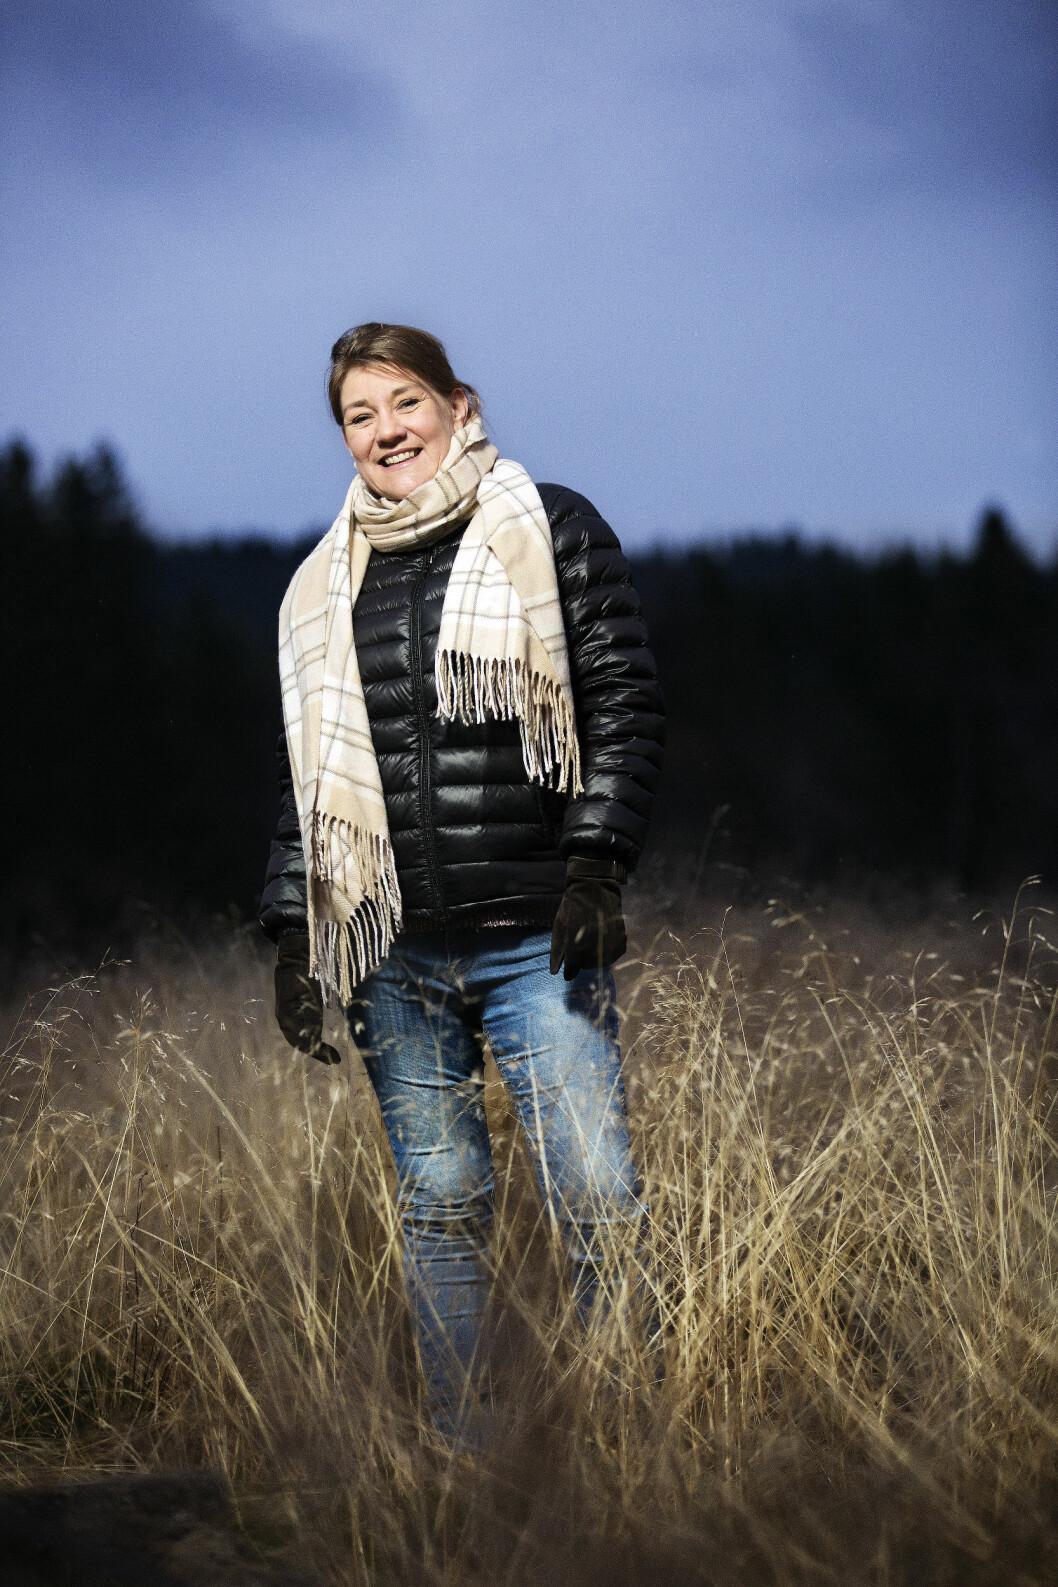 BLI ORGANDONOR: Takket være at noen sa «ja», fikk Lene leve videre. Hun vet hvor mye det betyr at vi alle tar stilling til om vi vil være donorer eller ikke. Foto: Sverre Chr. Jarild